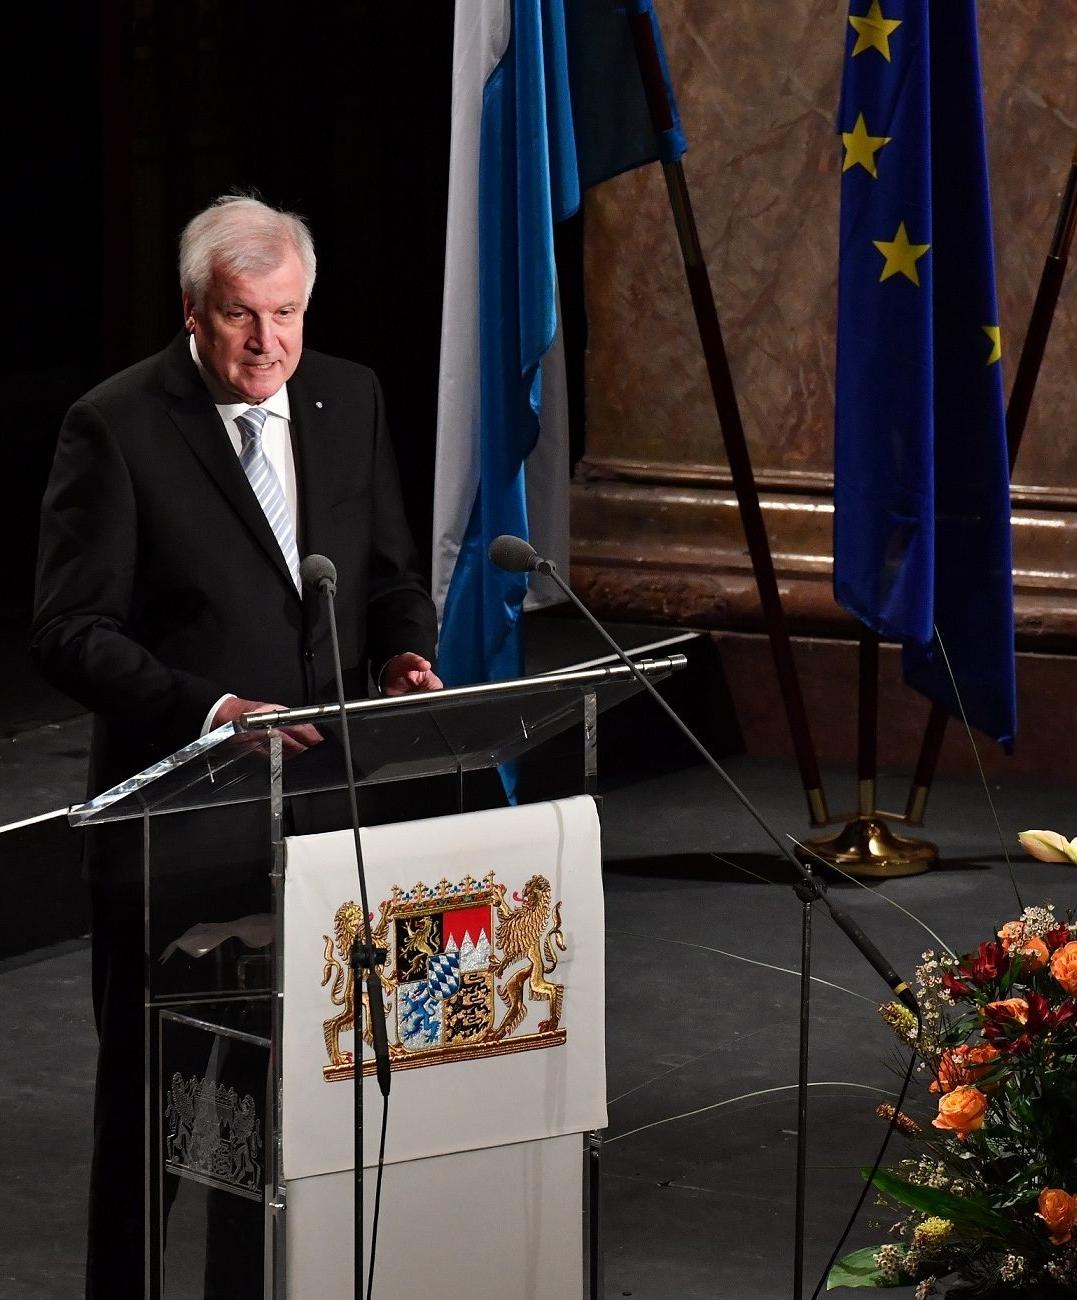 Vor dem Hintergrund der bayerischen und europäischen Flagge steht Ministerpräsident Horst Seehofer am Rednerpult beim Festakt im Nationaltheater in München am 1.12.2016.